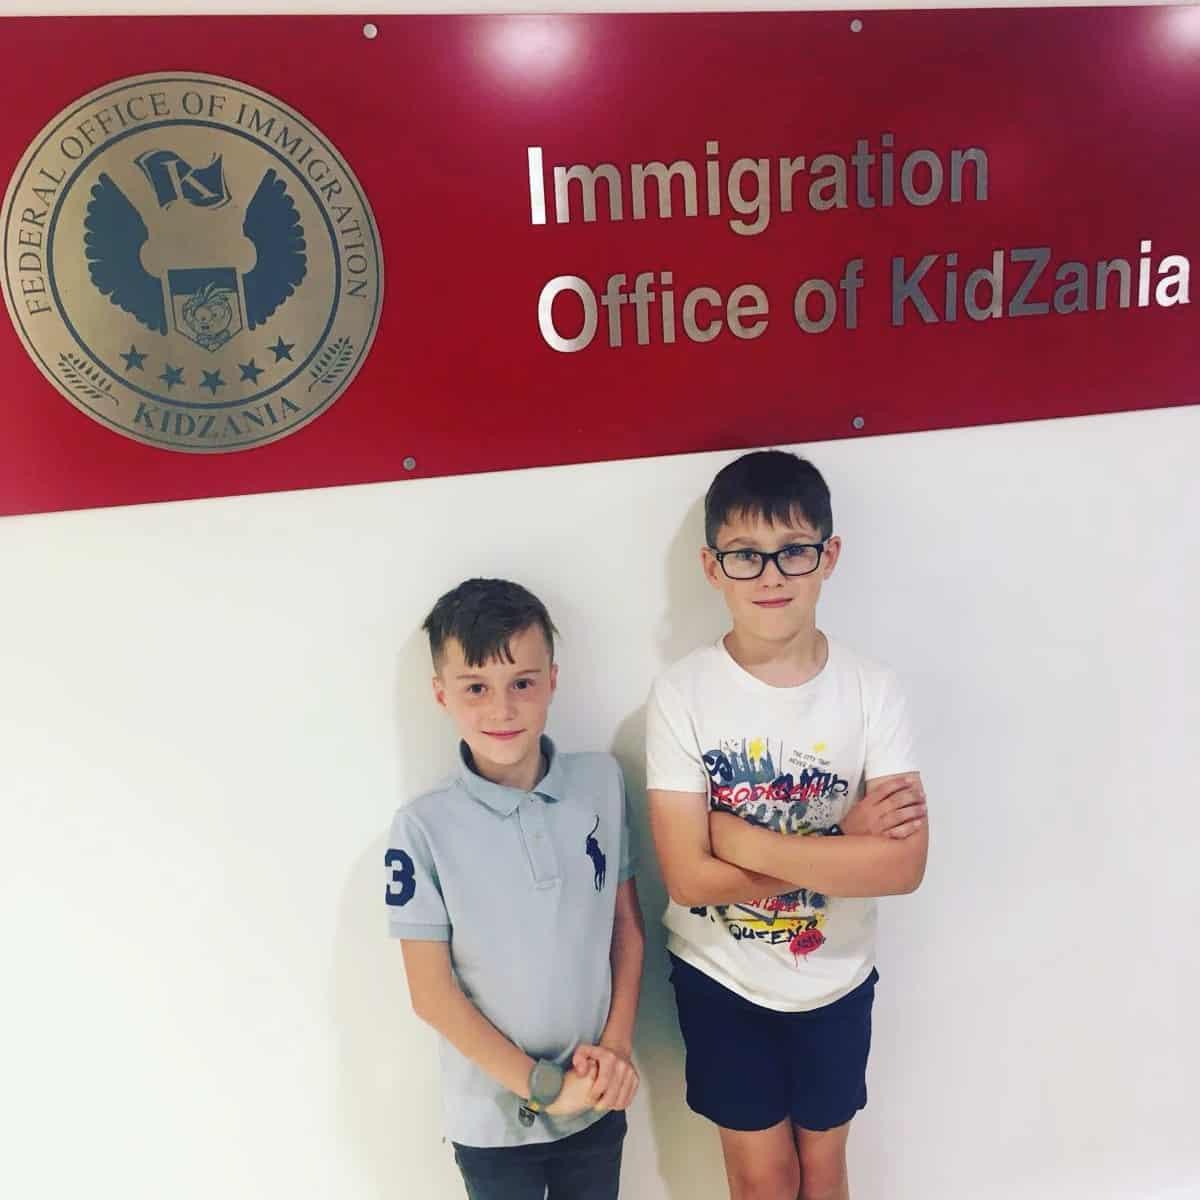 Kidzania London Immigration Office